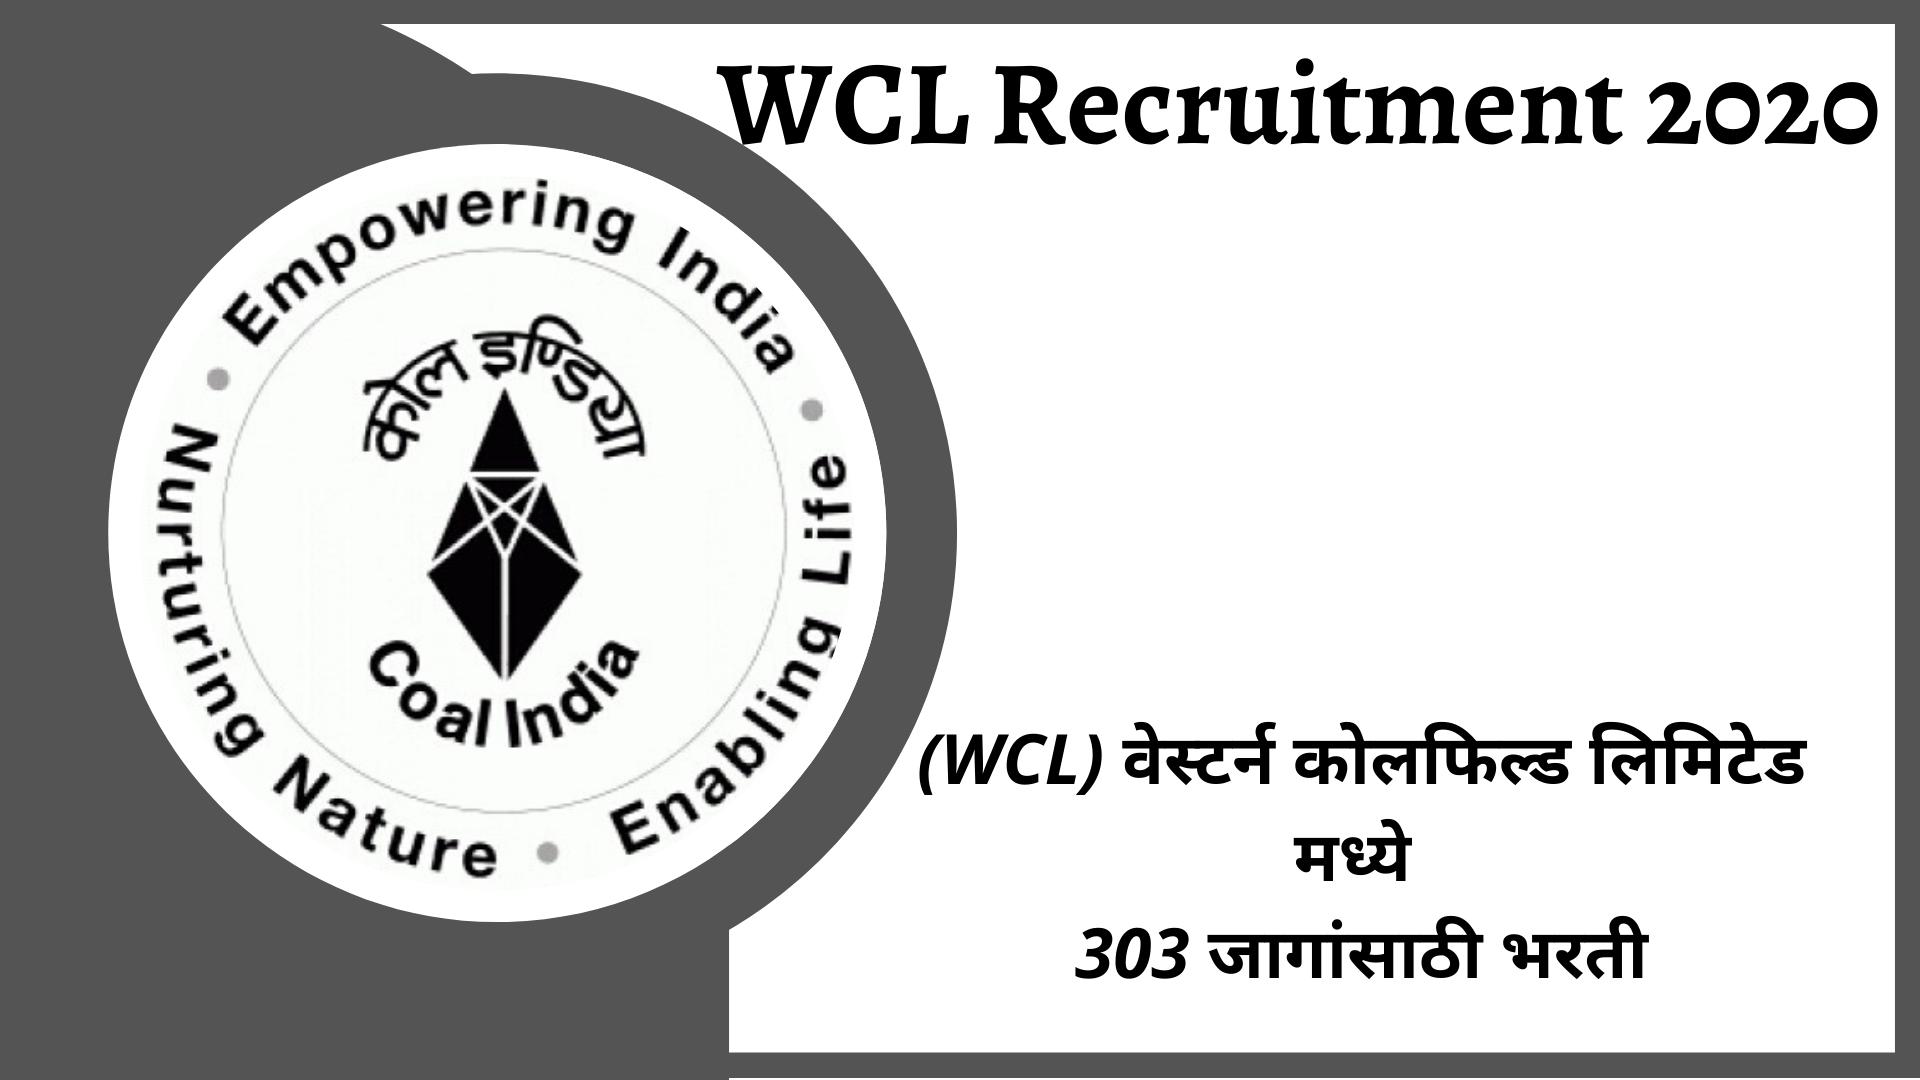 WCL Recruitment 2020